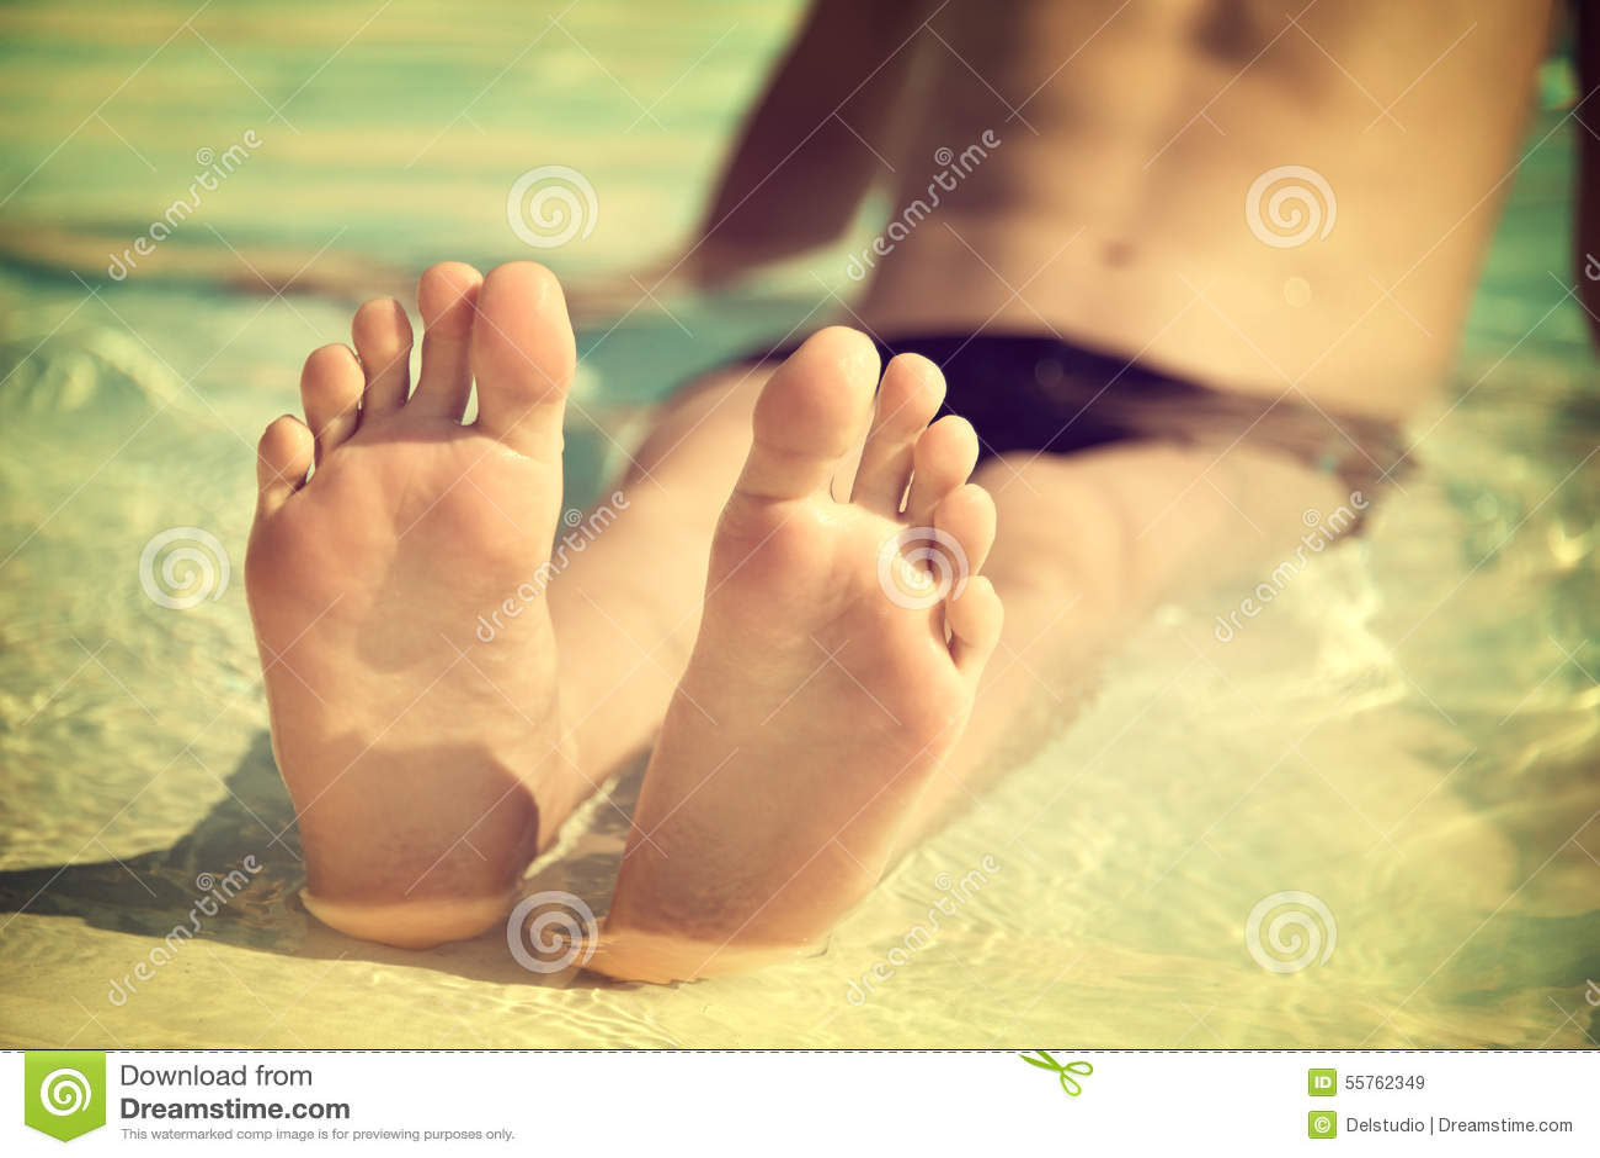 Boys feet movie thumbs gay xxx dolf039s foot